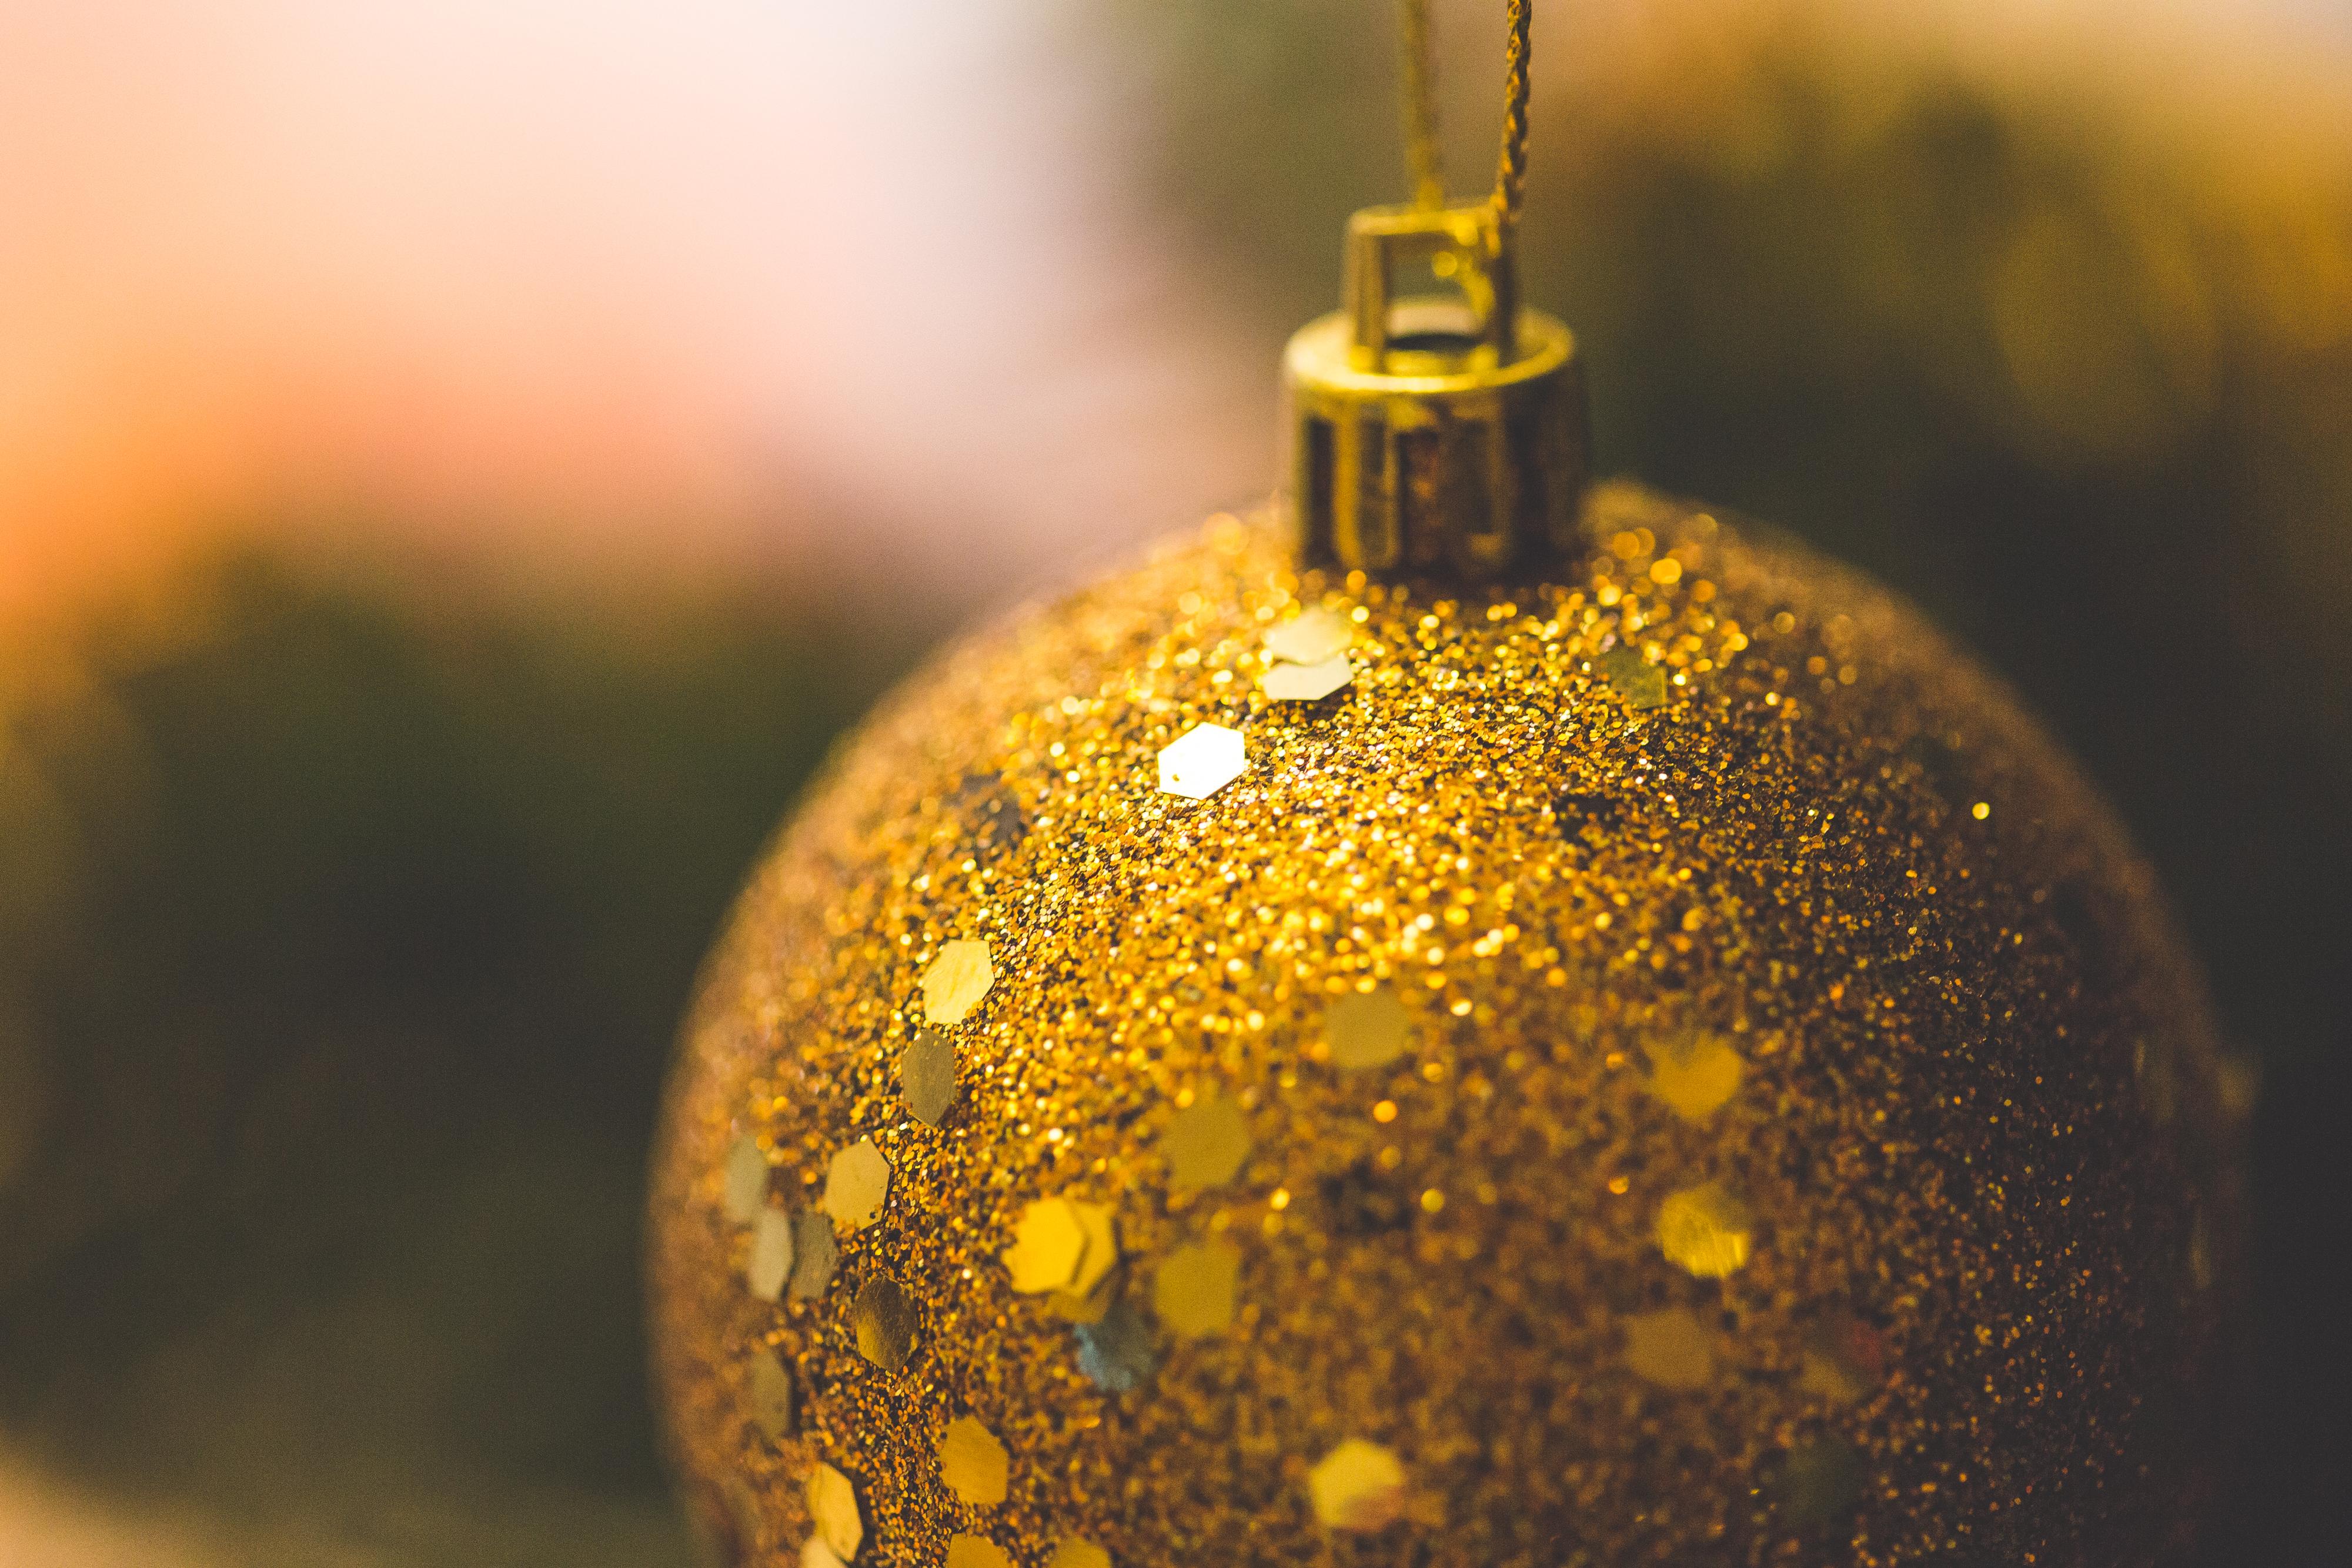 świąteczno-noworoczna lista zadań